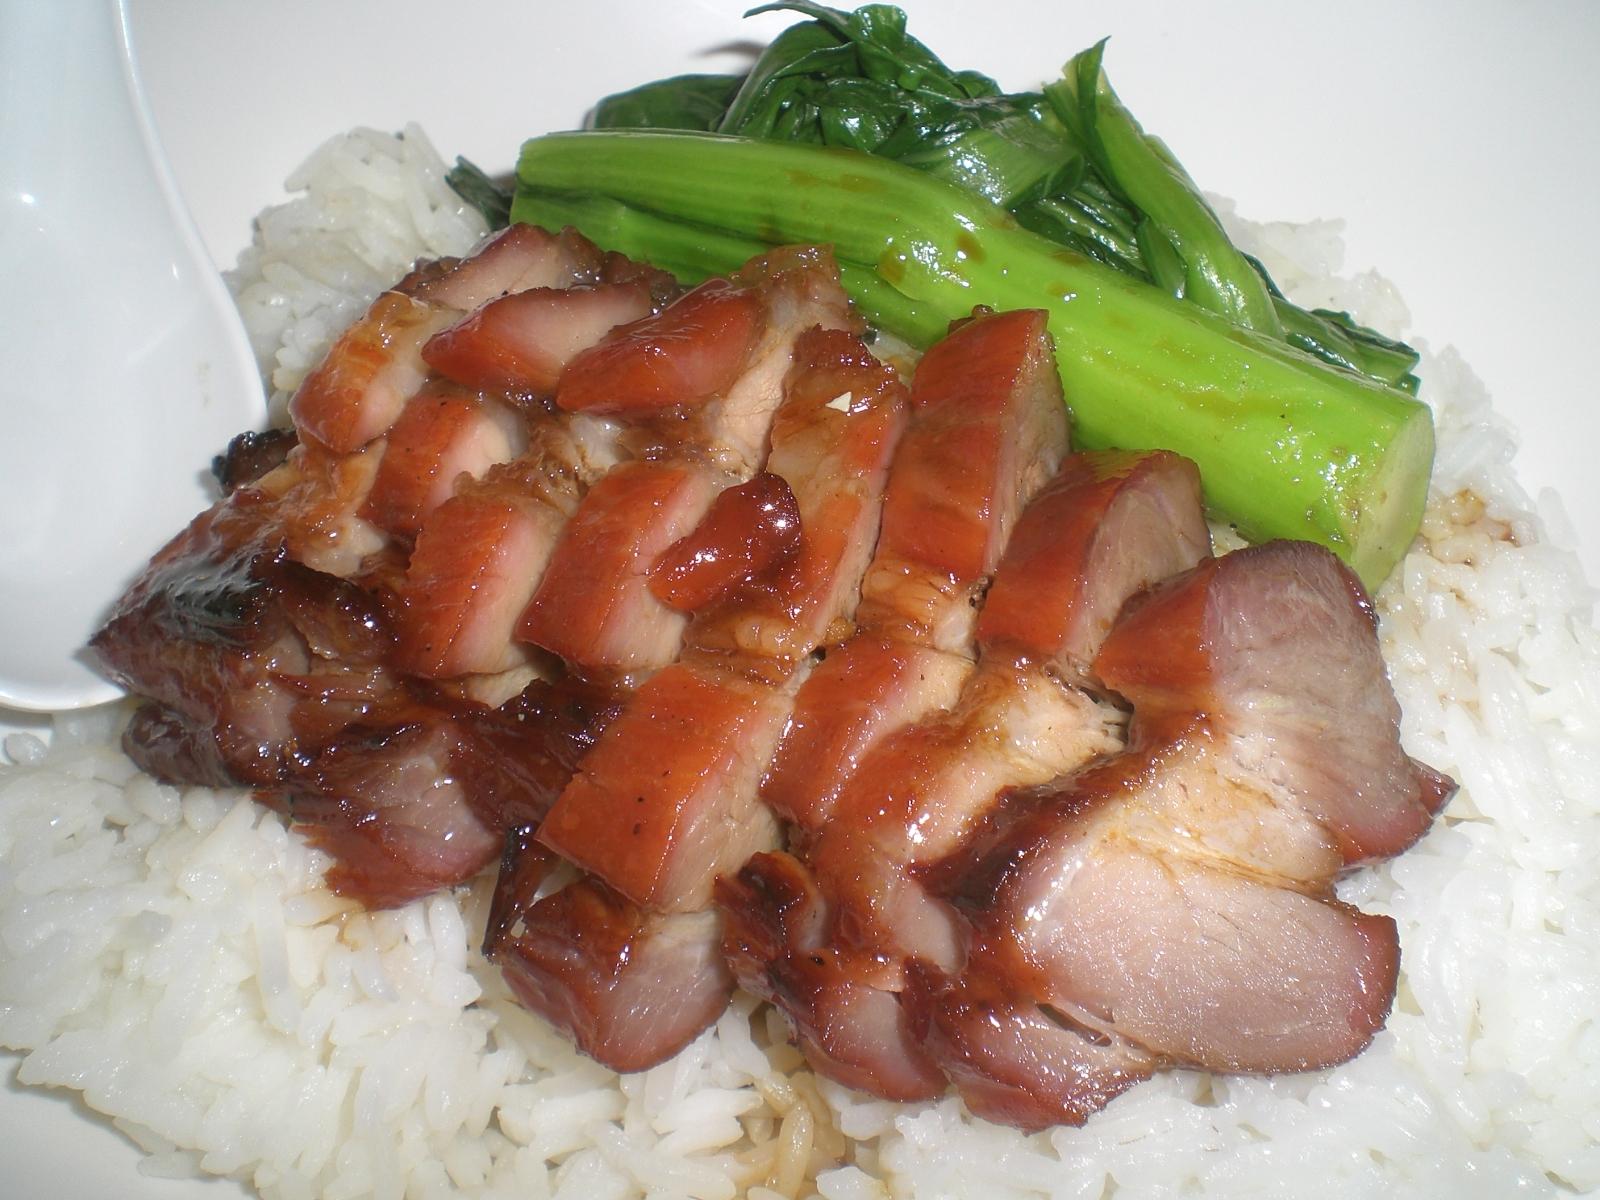 常備食材としてもオススメ!簡単・おいしい焼き豚レシピ7つご紹介!のサムネイル画像